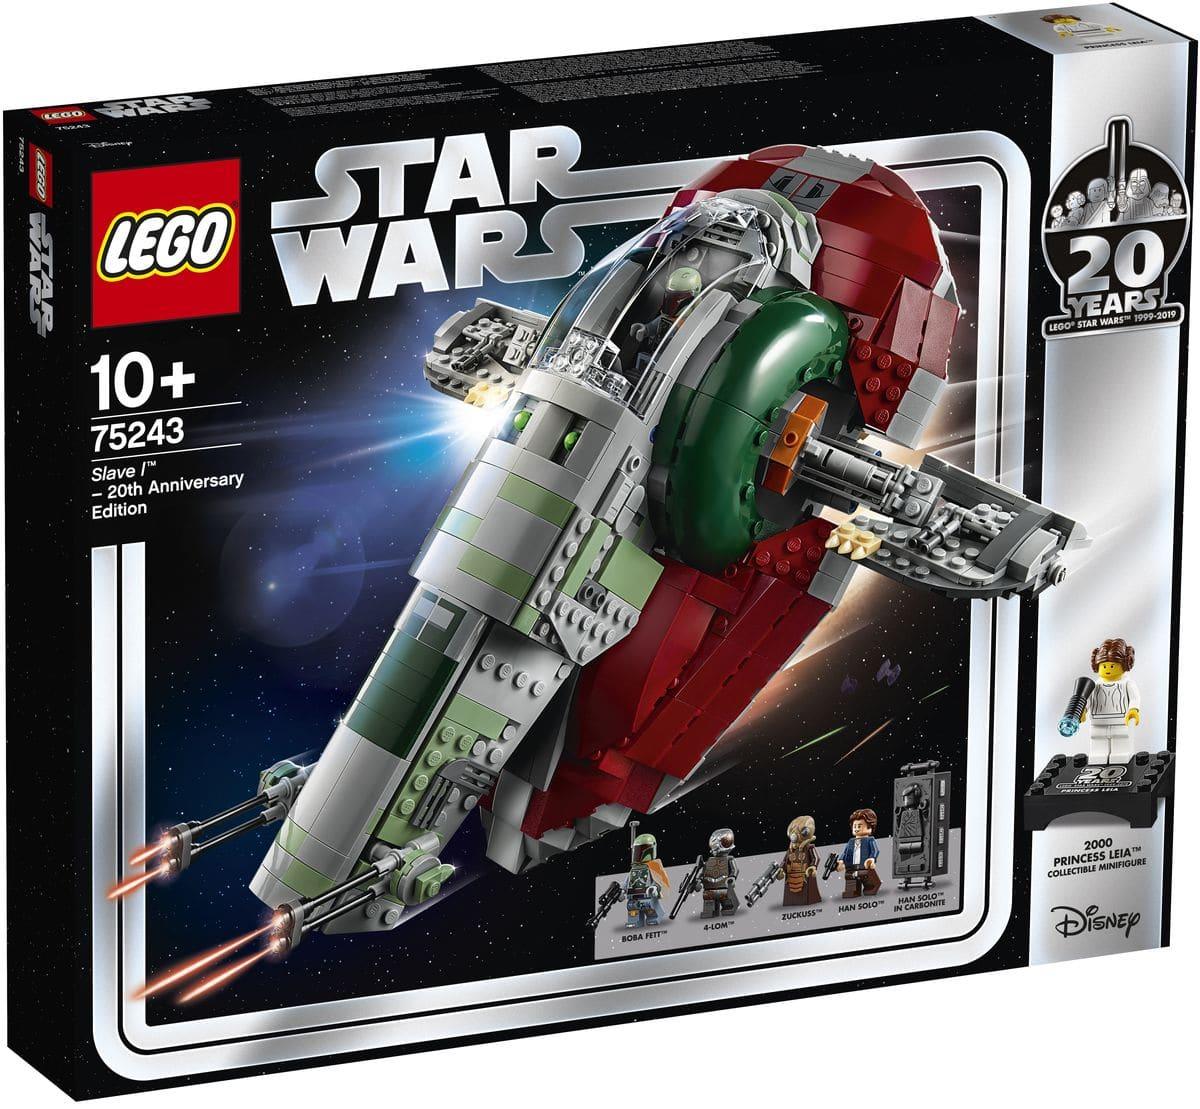 Lego Star Wars April 2019 Sets